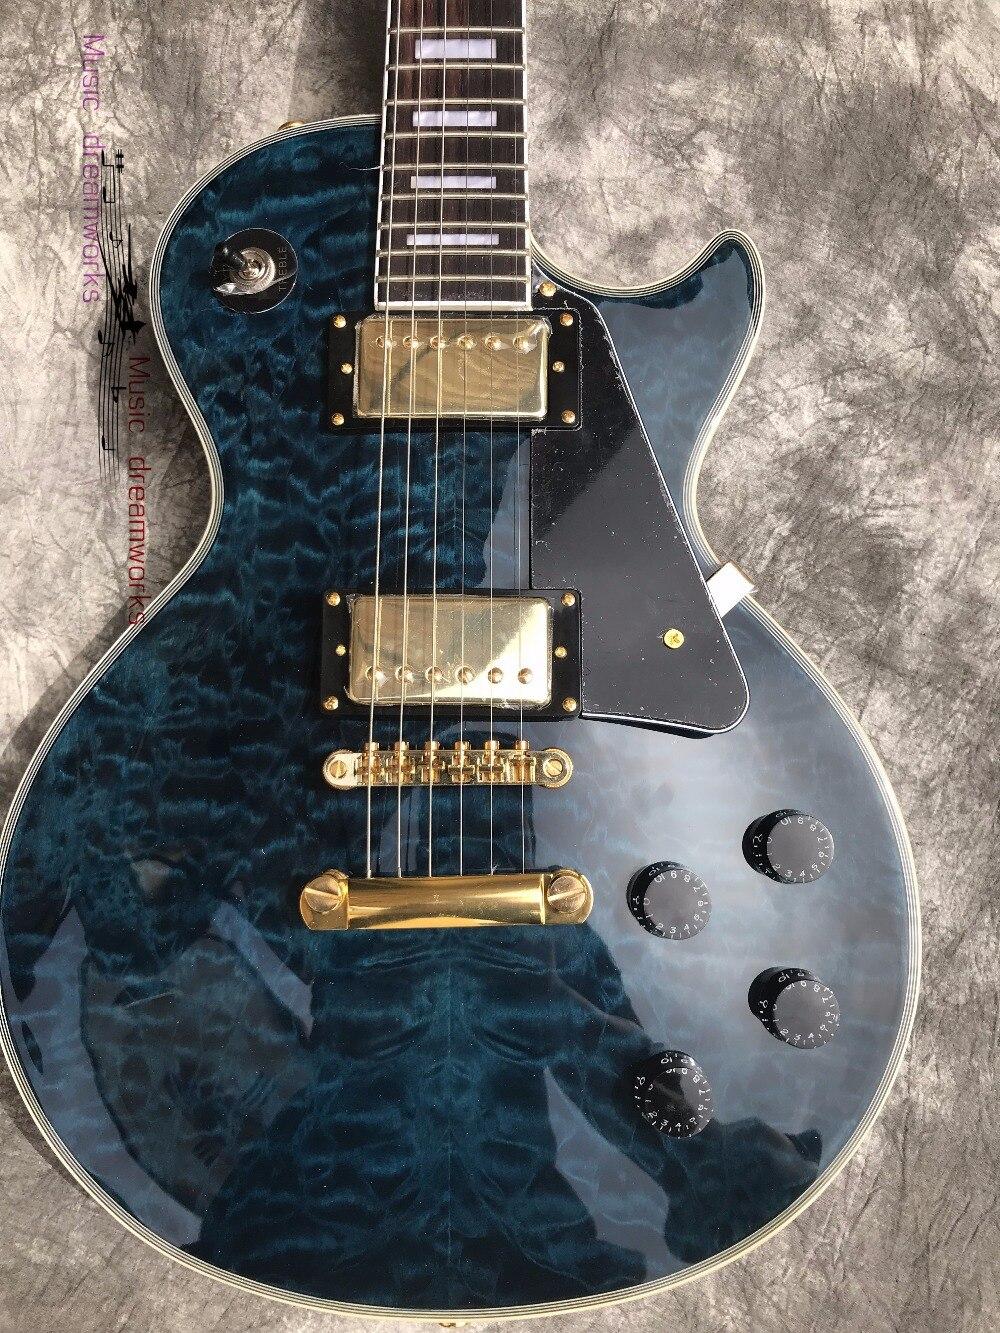 Chine firehawk OEM custom shop électrique guitare g guitare Foncé bleu ondulation de l'eau en bois d'érable Or matériel, livraison gratuite